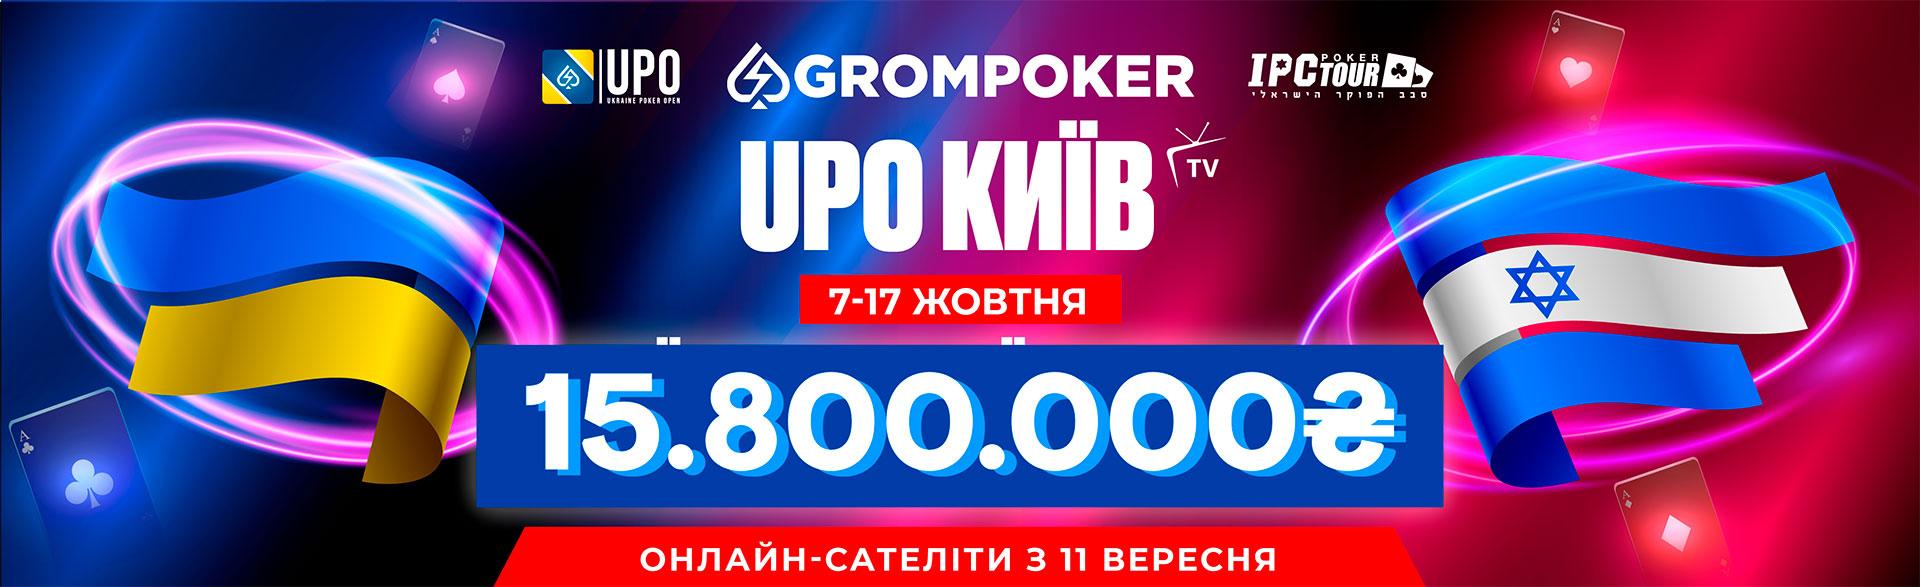 Як пройшла серія UPO Kyiv